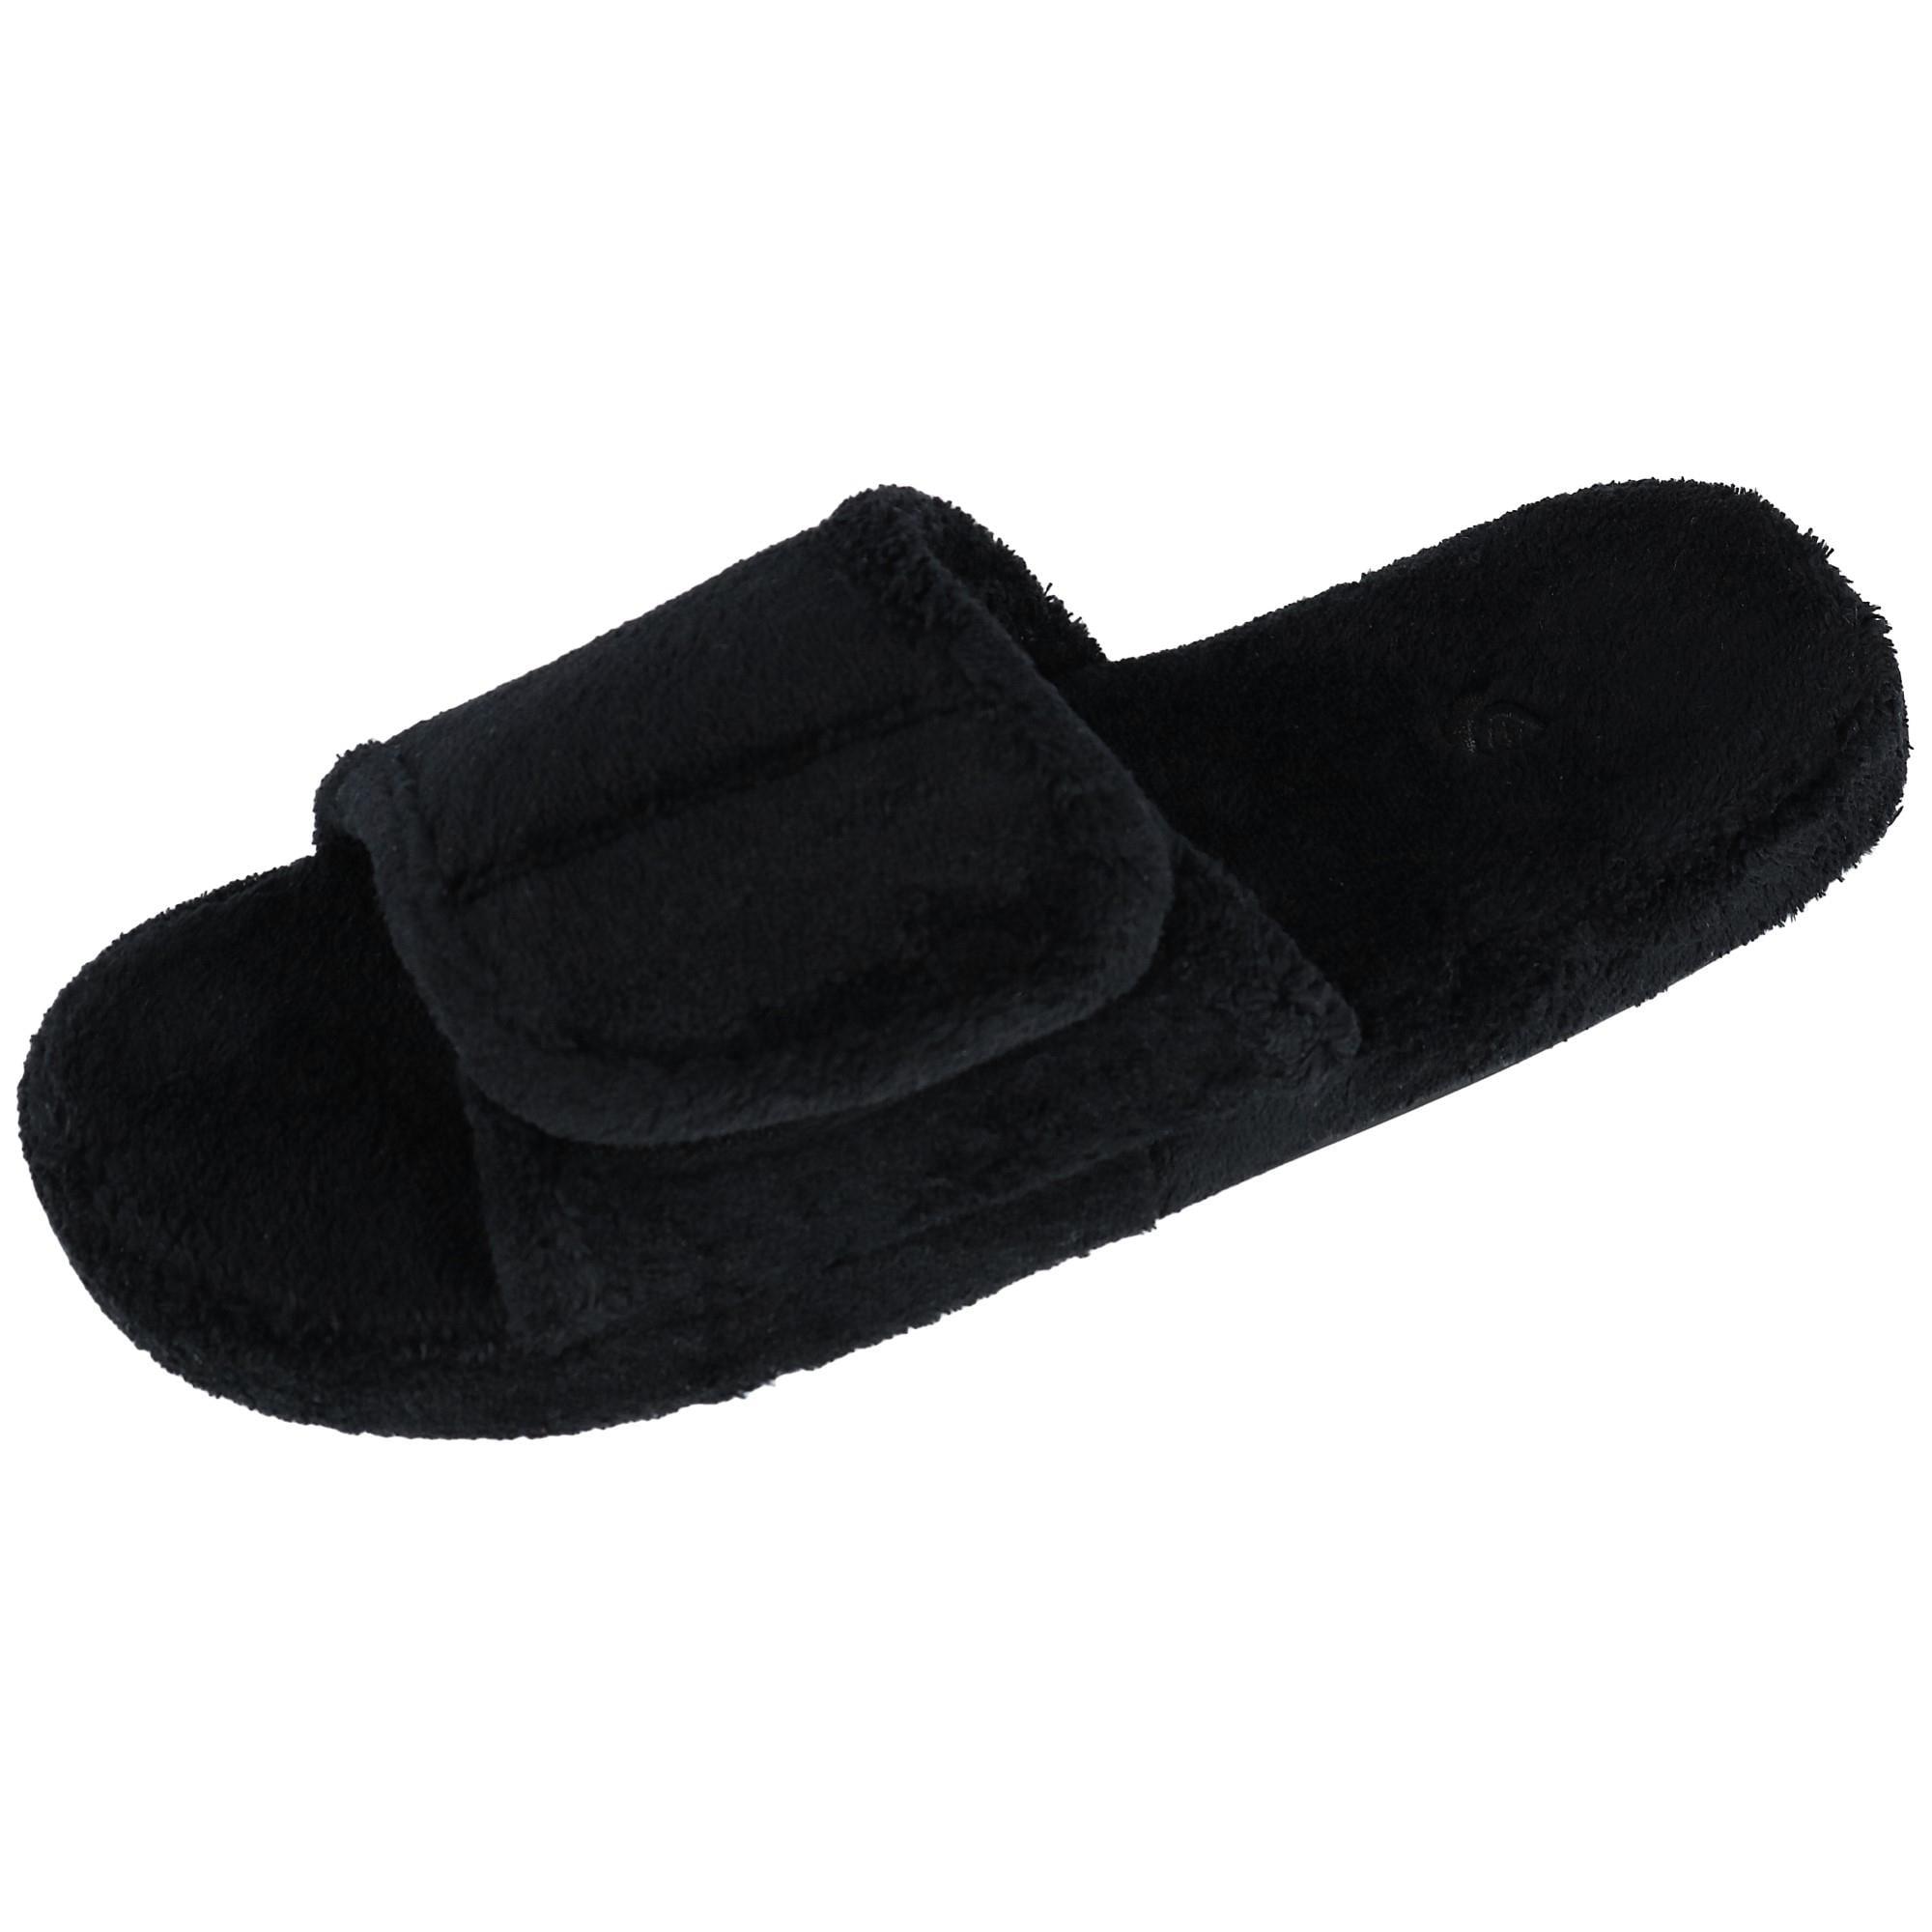 fb877630929 Acorn Men s Spa Slide Slippers